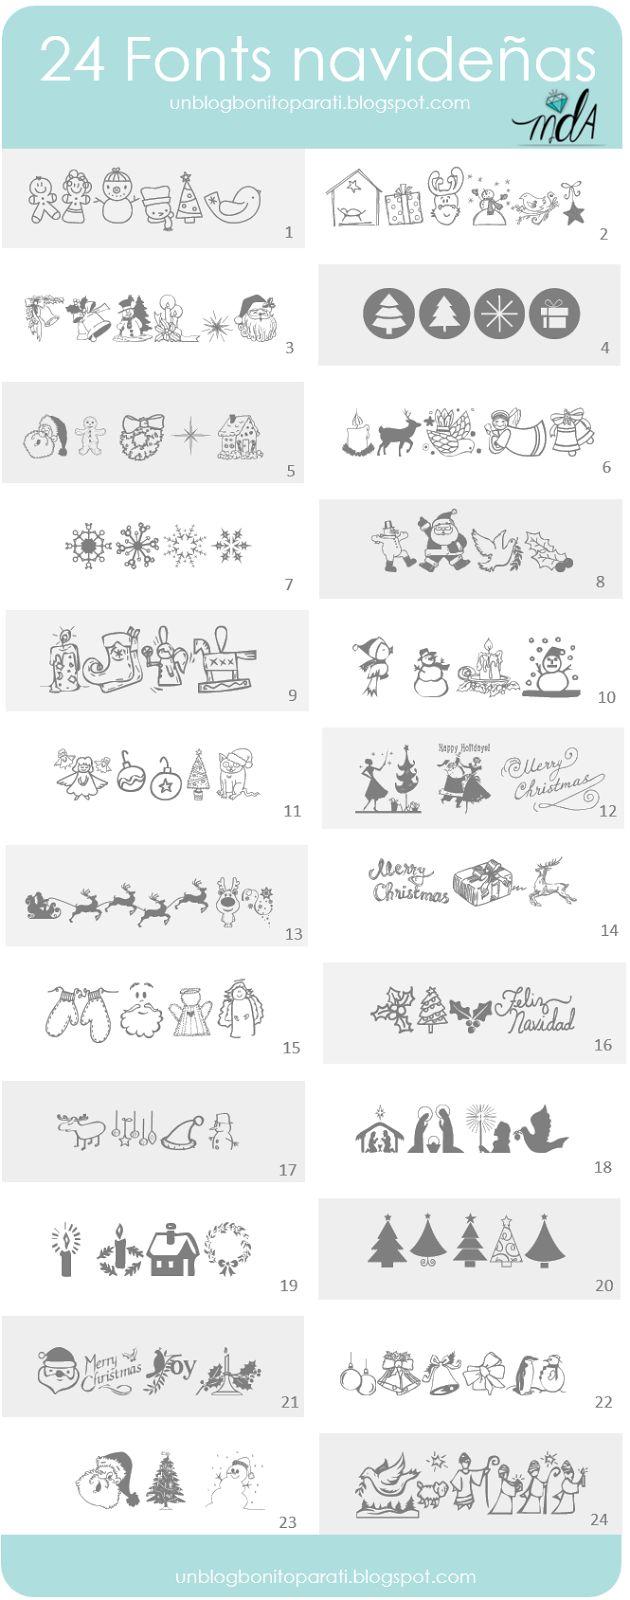 Tipos de letras navideñas para hacer cartelitos y etiquetas - Mi diamante azul